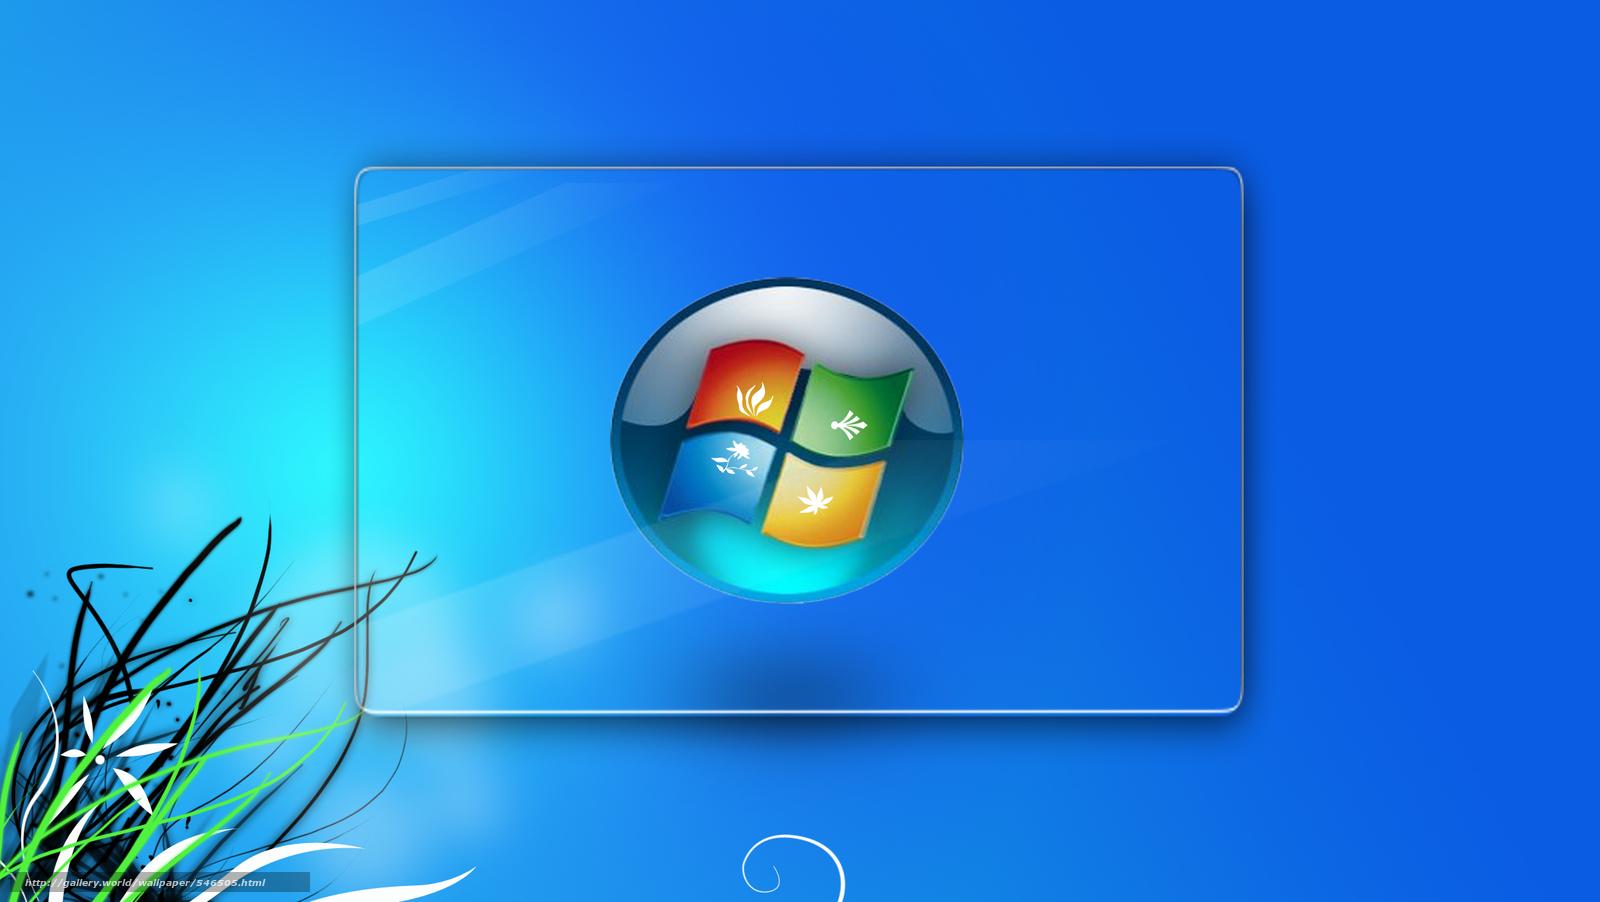 scaricare gli sfondi sfondi,  sfondi per finestre,  3d Sfondi gratis per la risoluzione del desktop 2200x1240 — immagine №546505